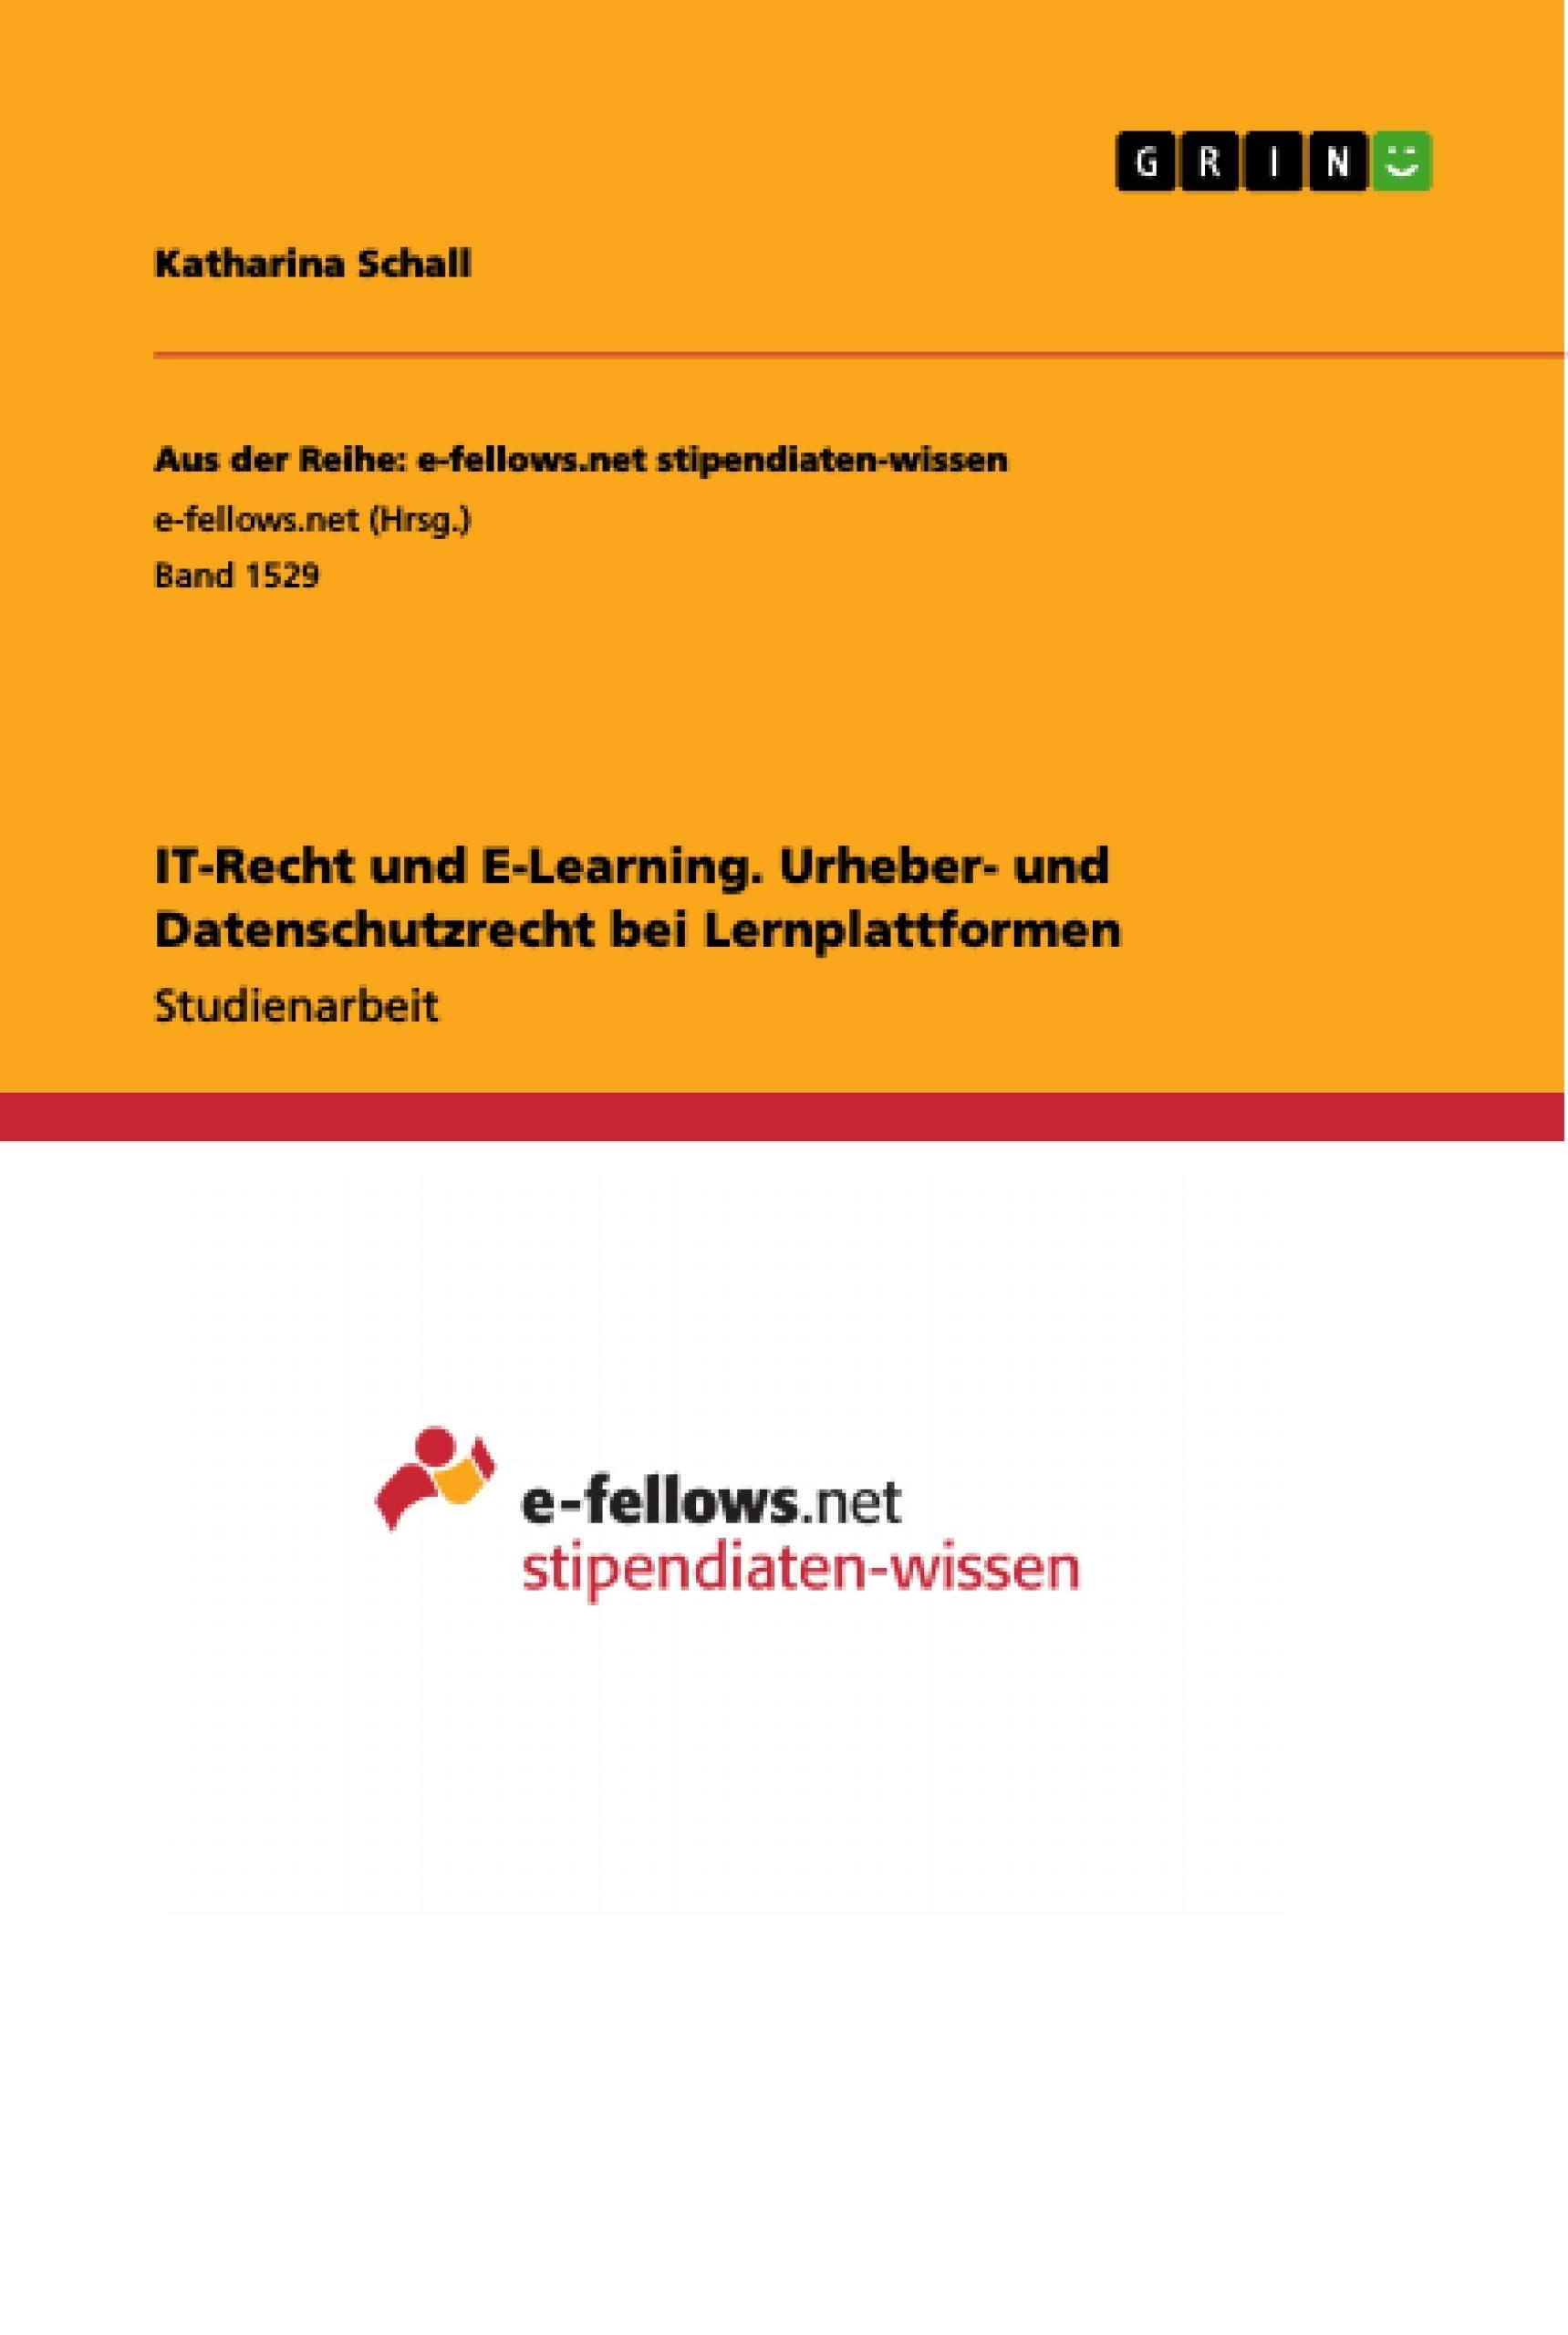 Titel: IT-Recht und E-Learning. Urheber- und Datenschutzrecht bei Lernplattformen